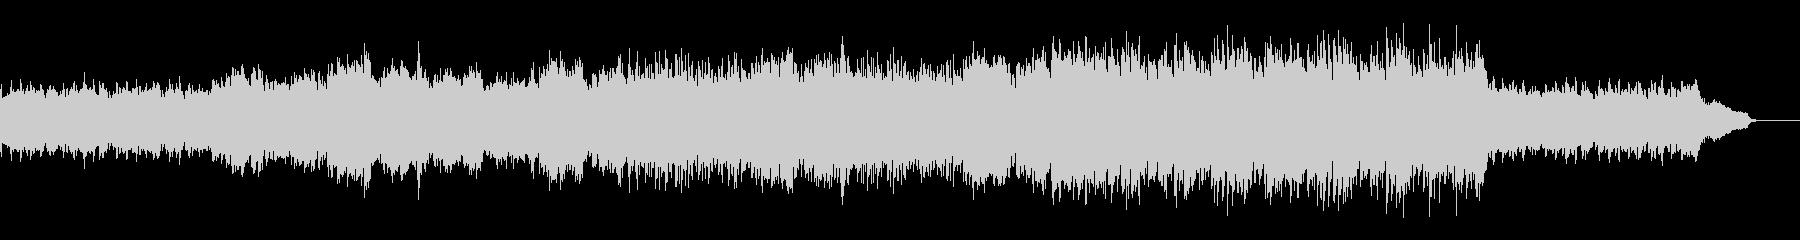 企業VP映像、136オーケストラ、爽快bの未再生の波形